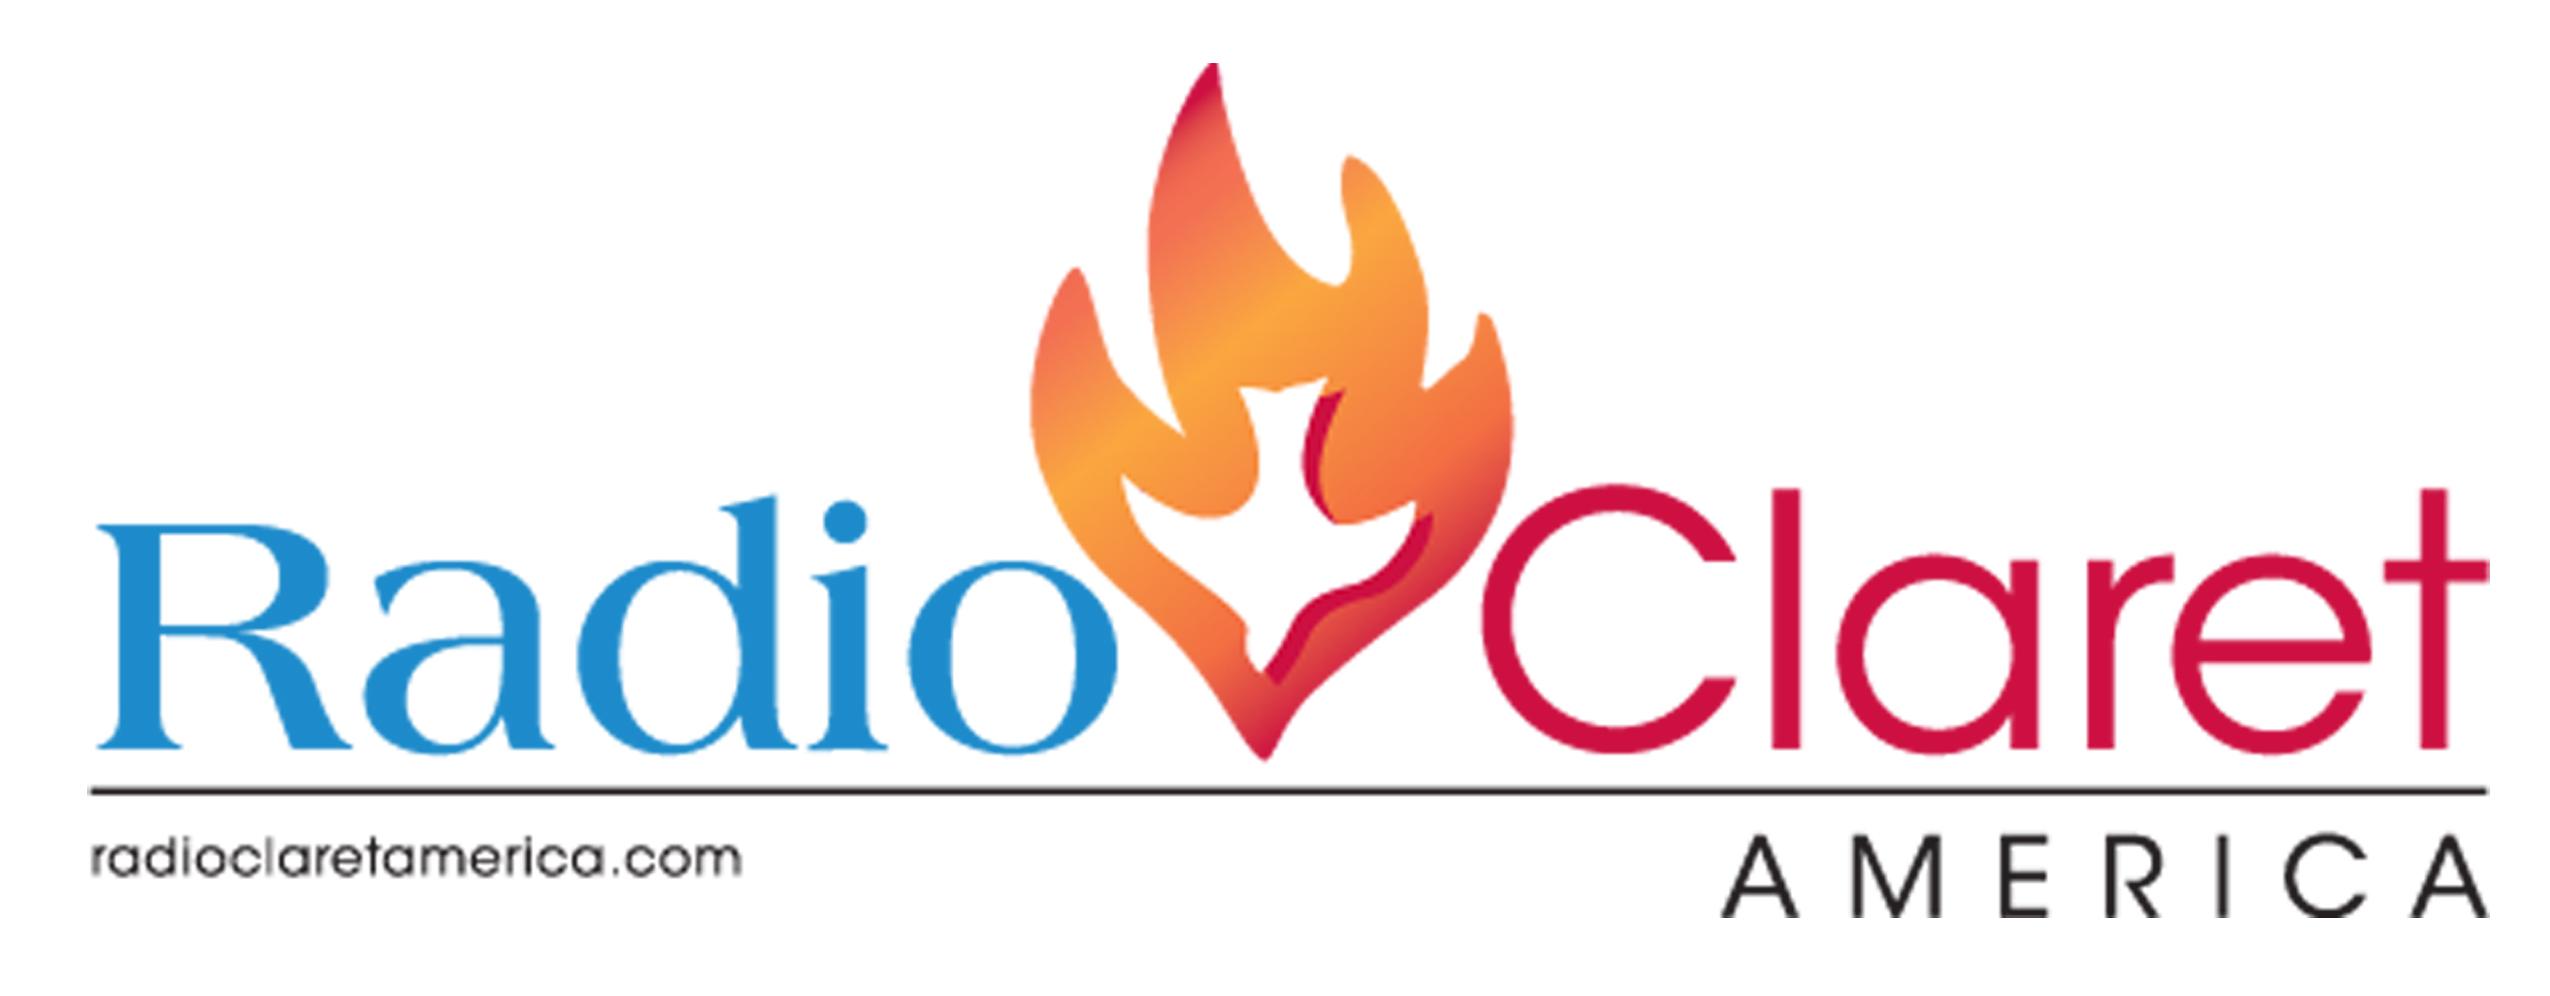 logo con web RCA